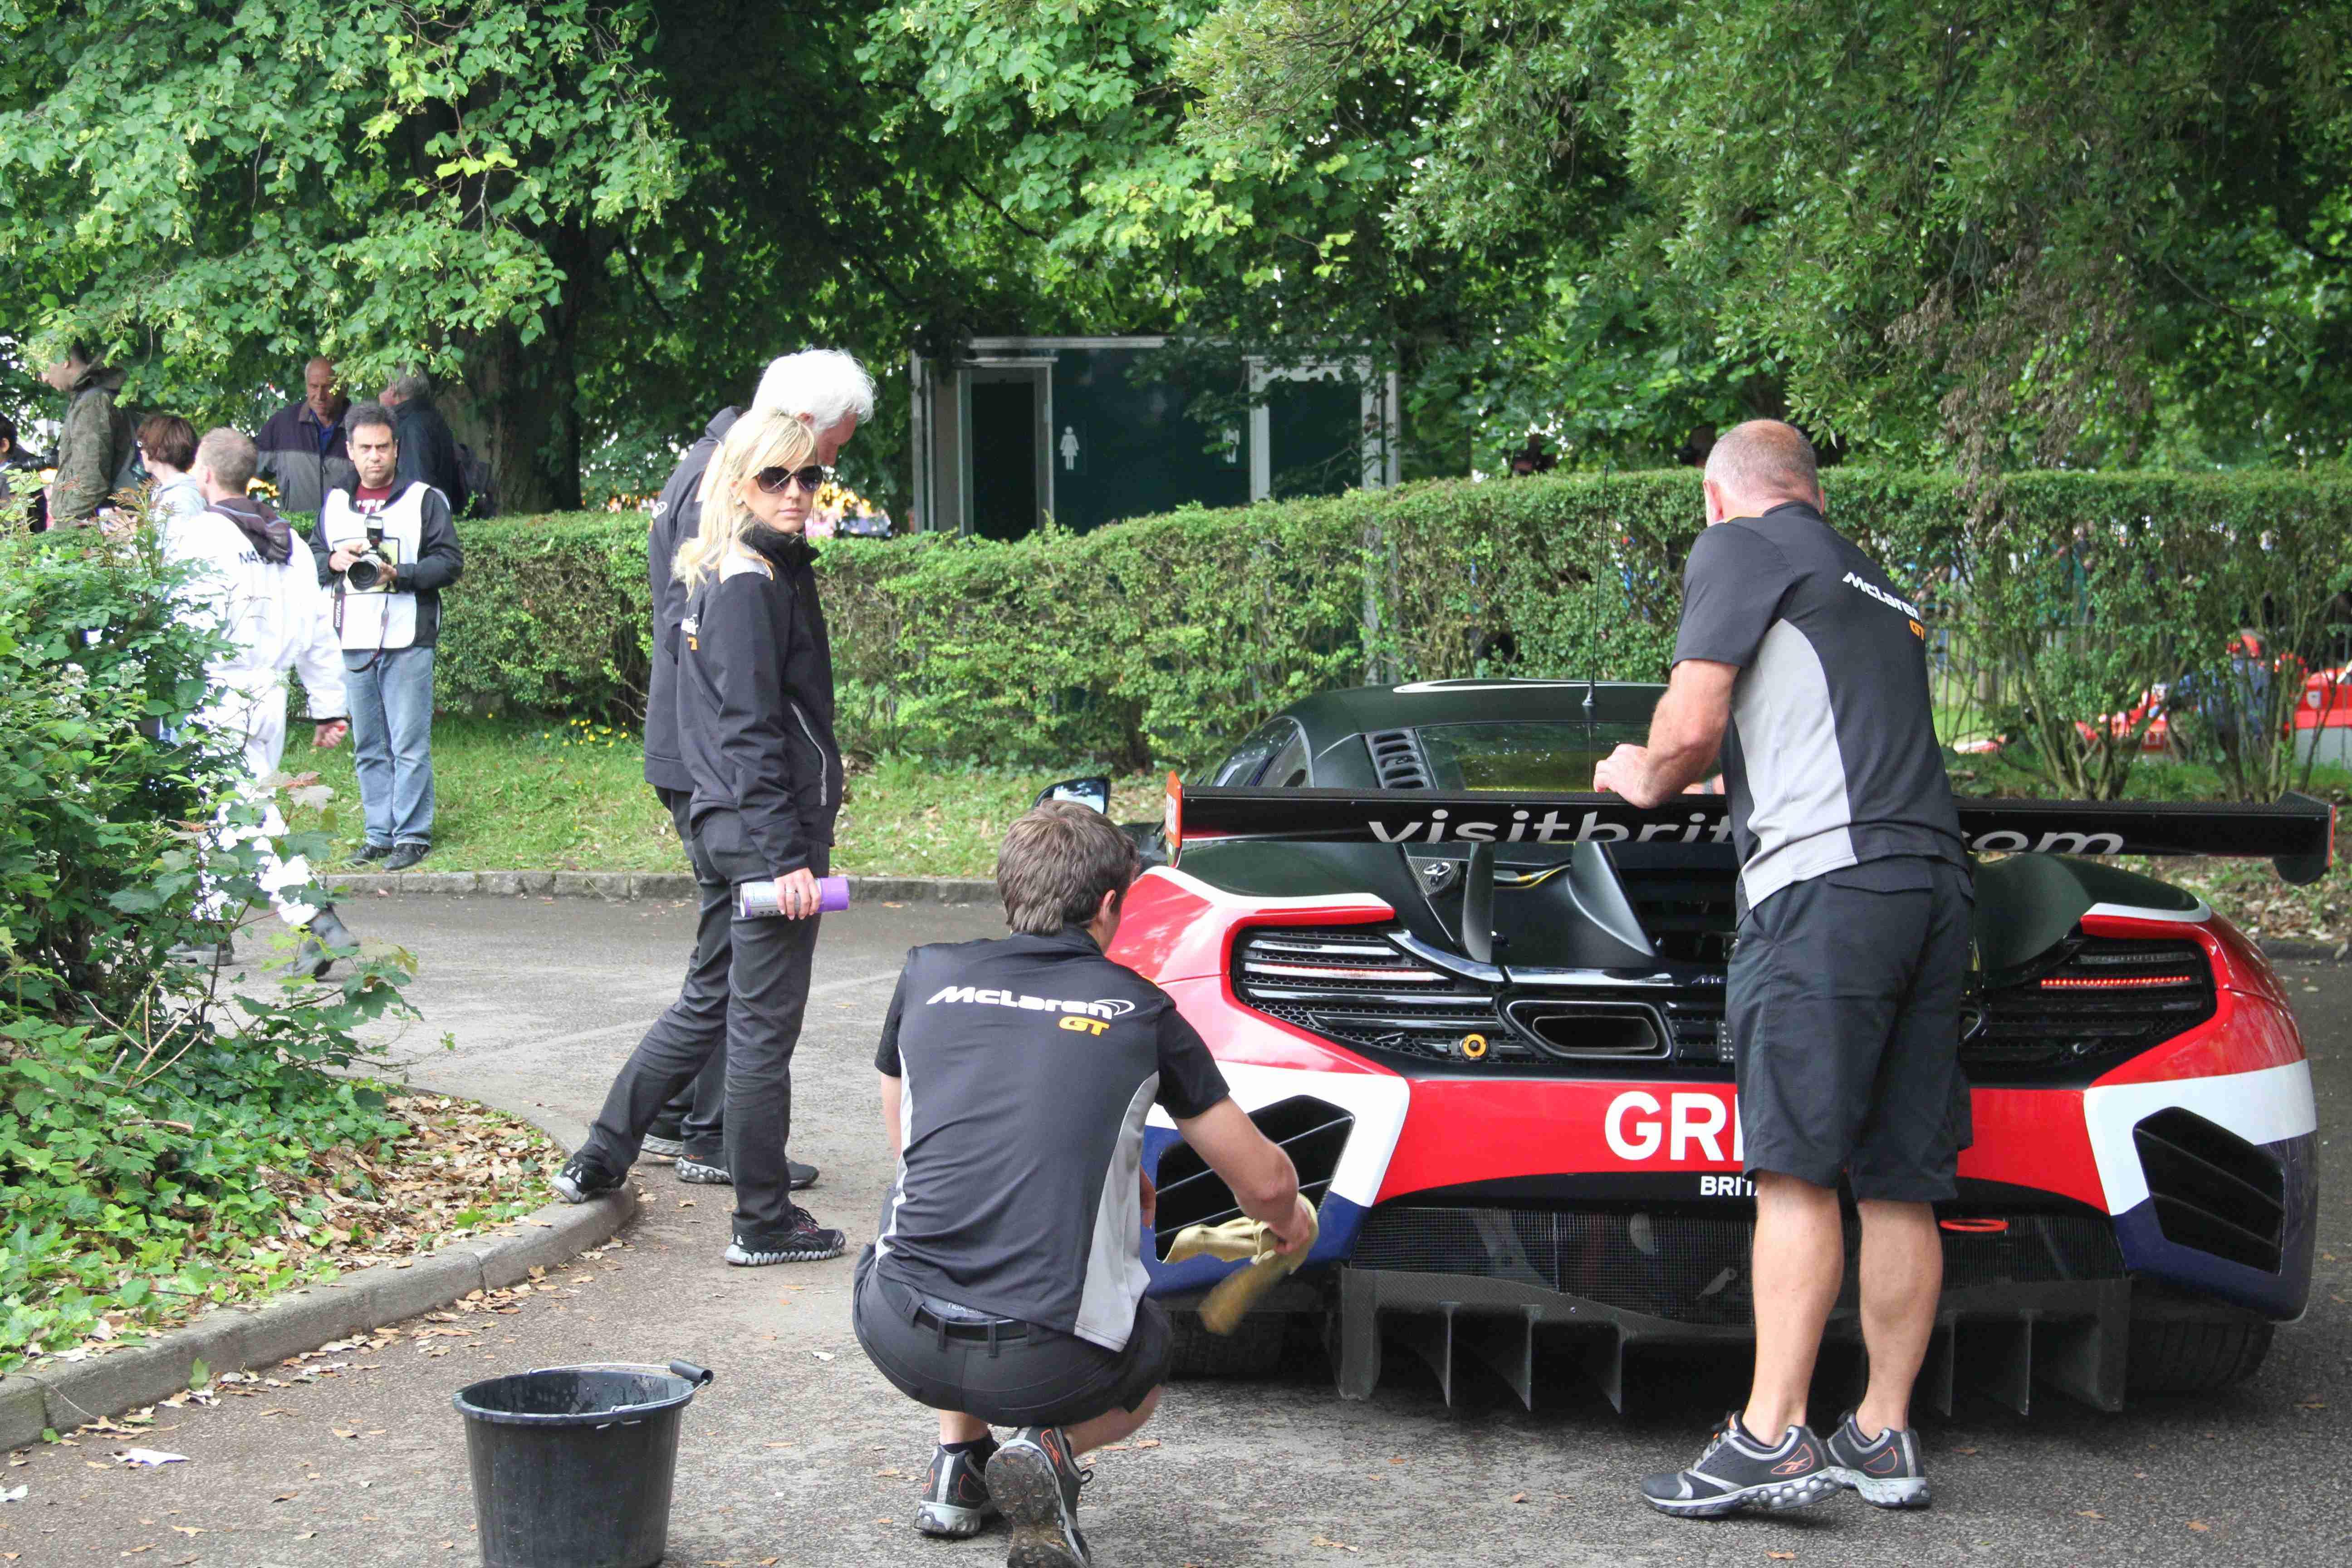 McLaren MP4-12C GT3 GB